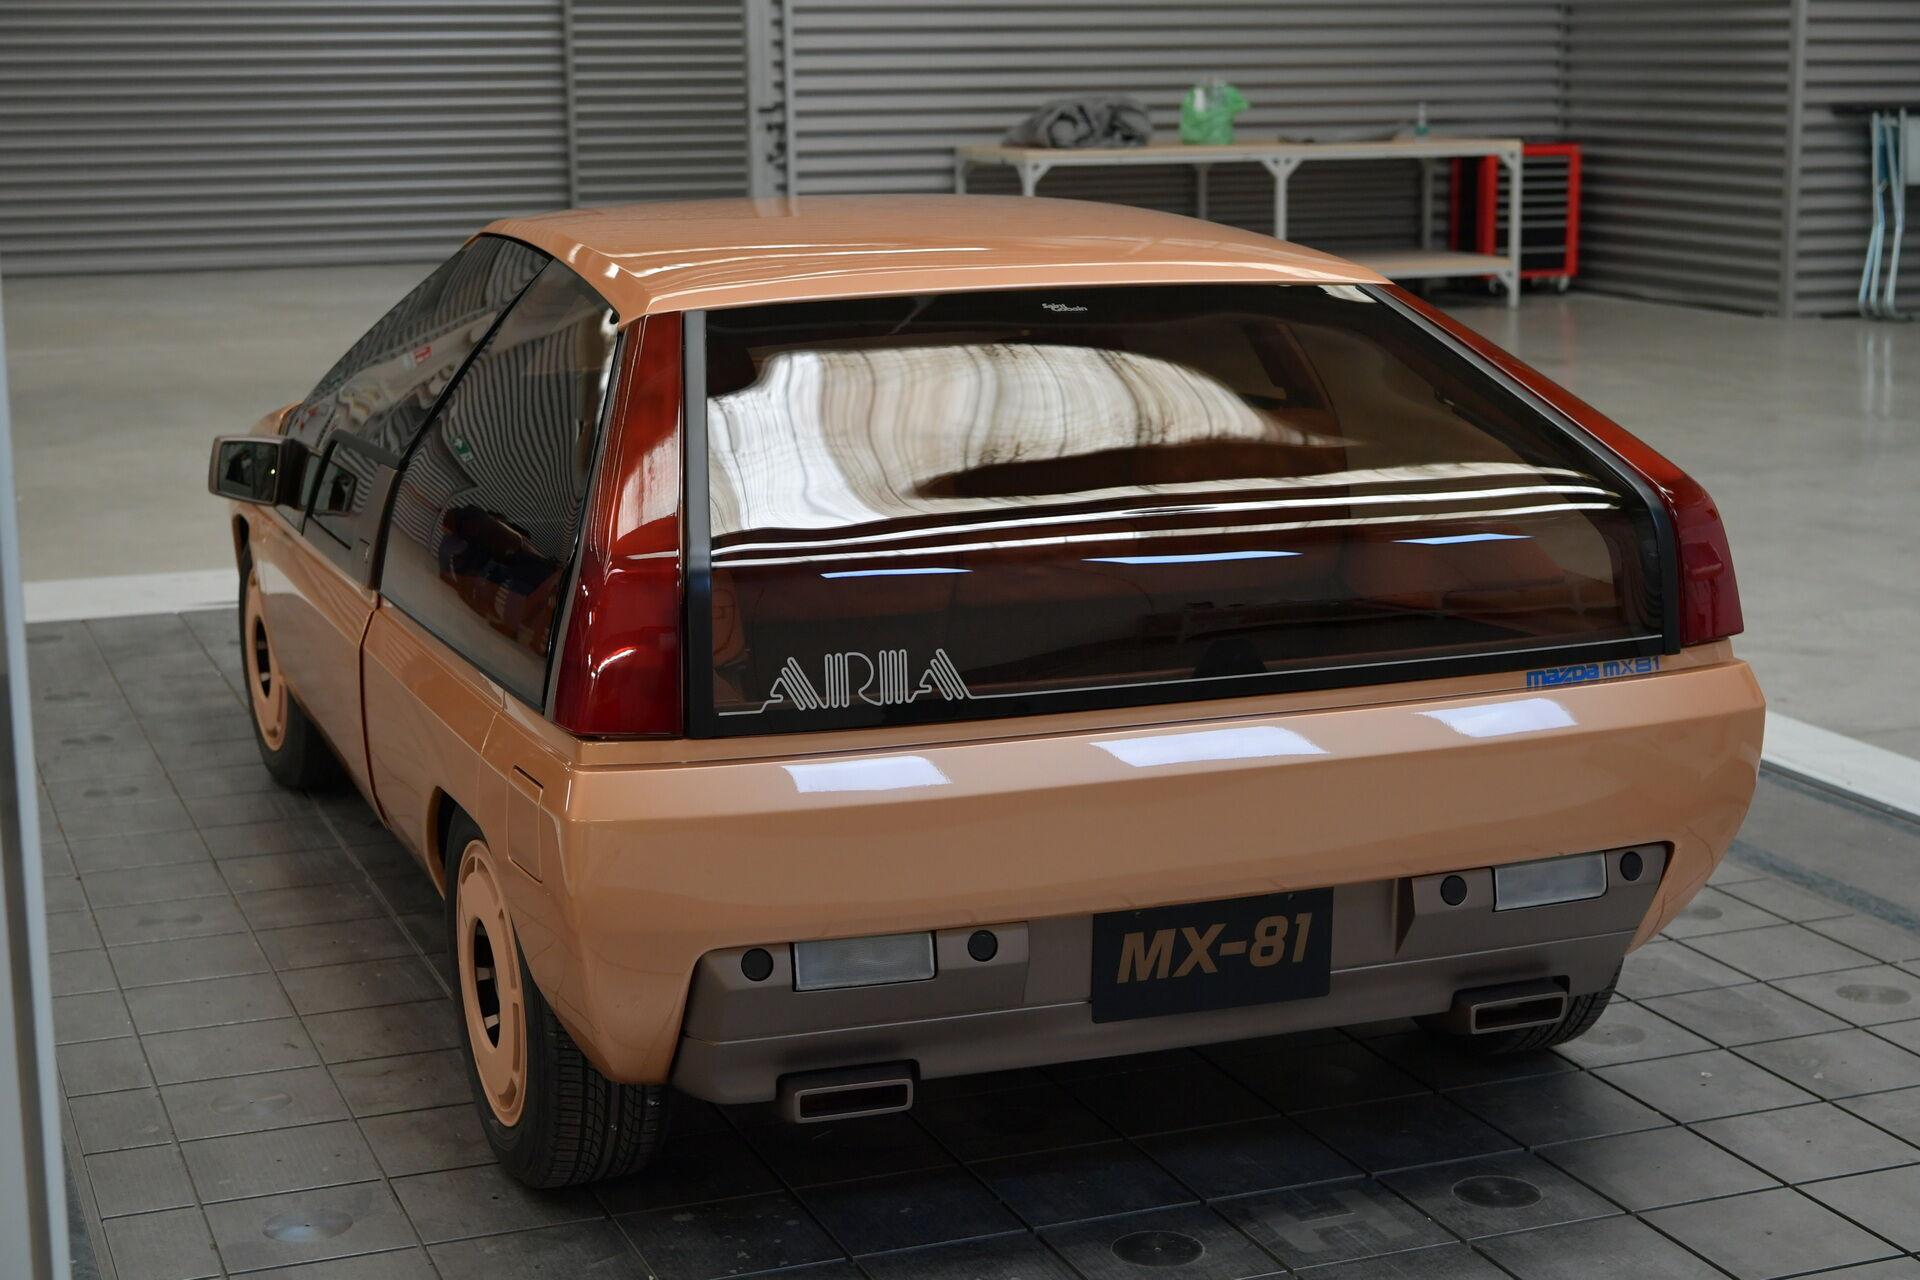 MX-81 Aria